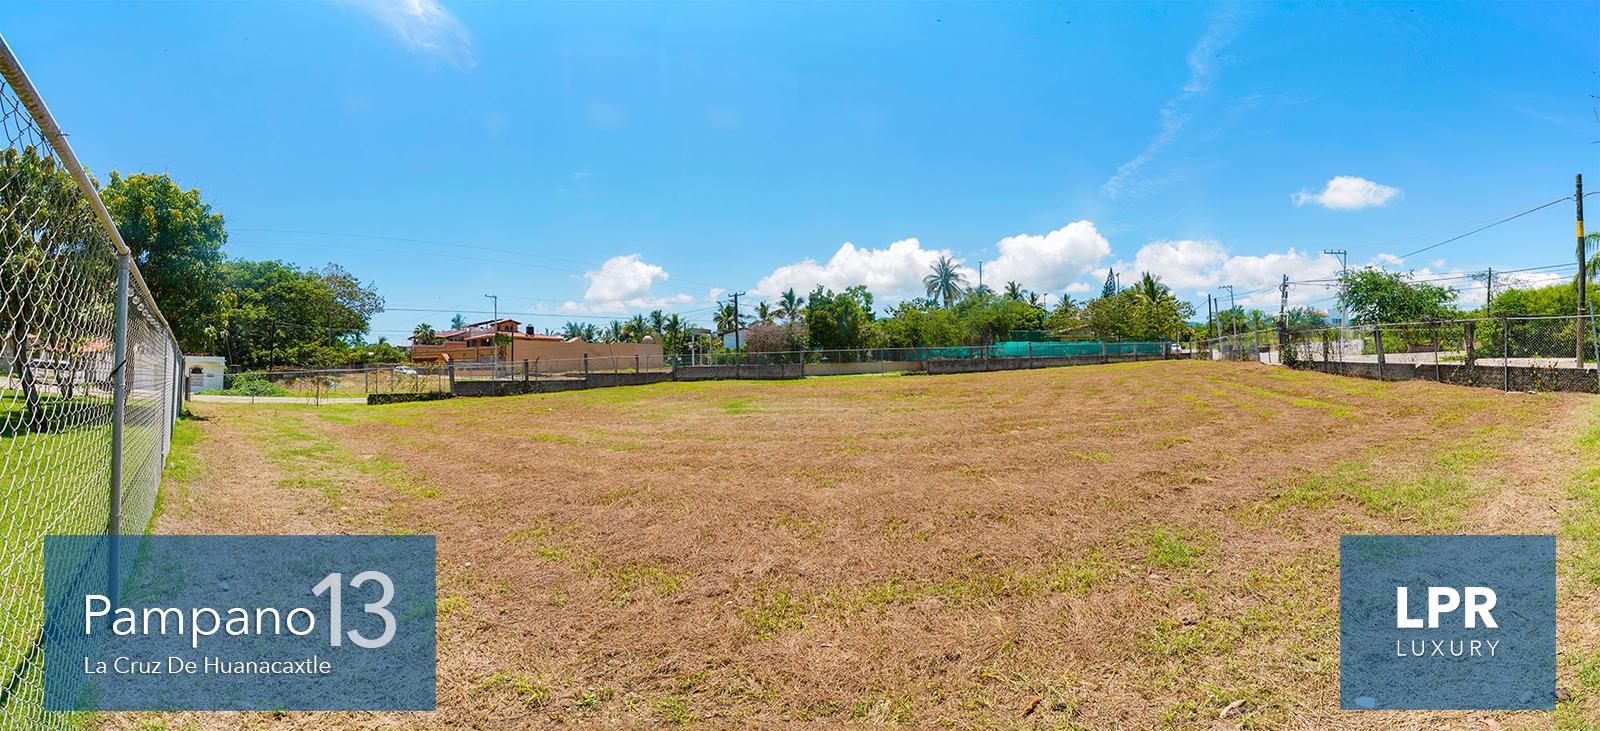 La Cruz de Huanacaxtle - Riviera Nayarit, Mexico - Real Estate for Sale - Pompano 13